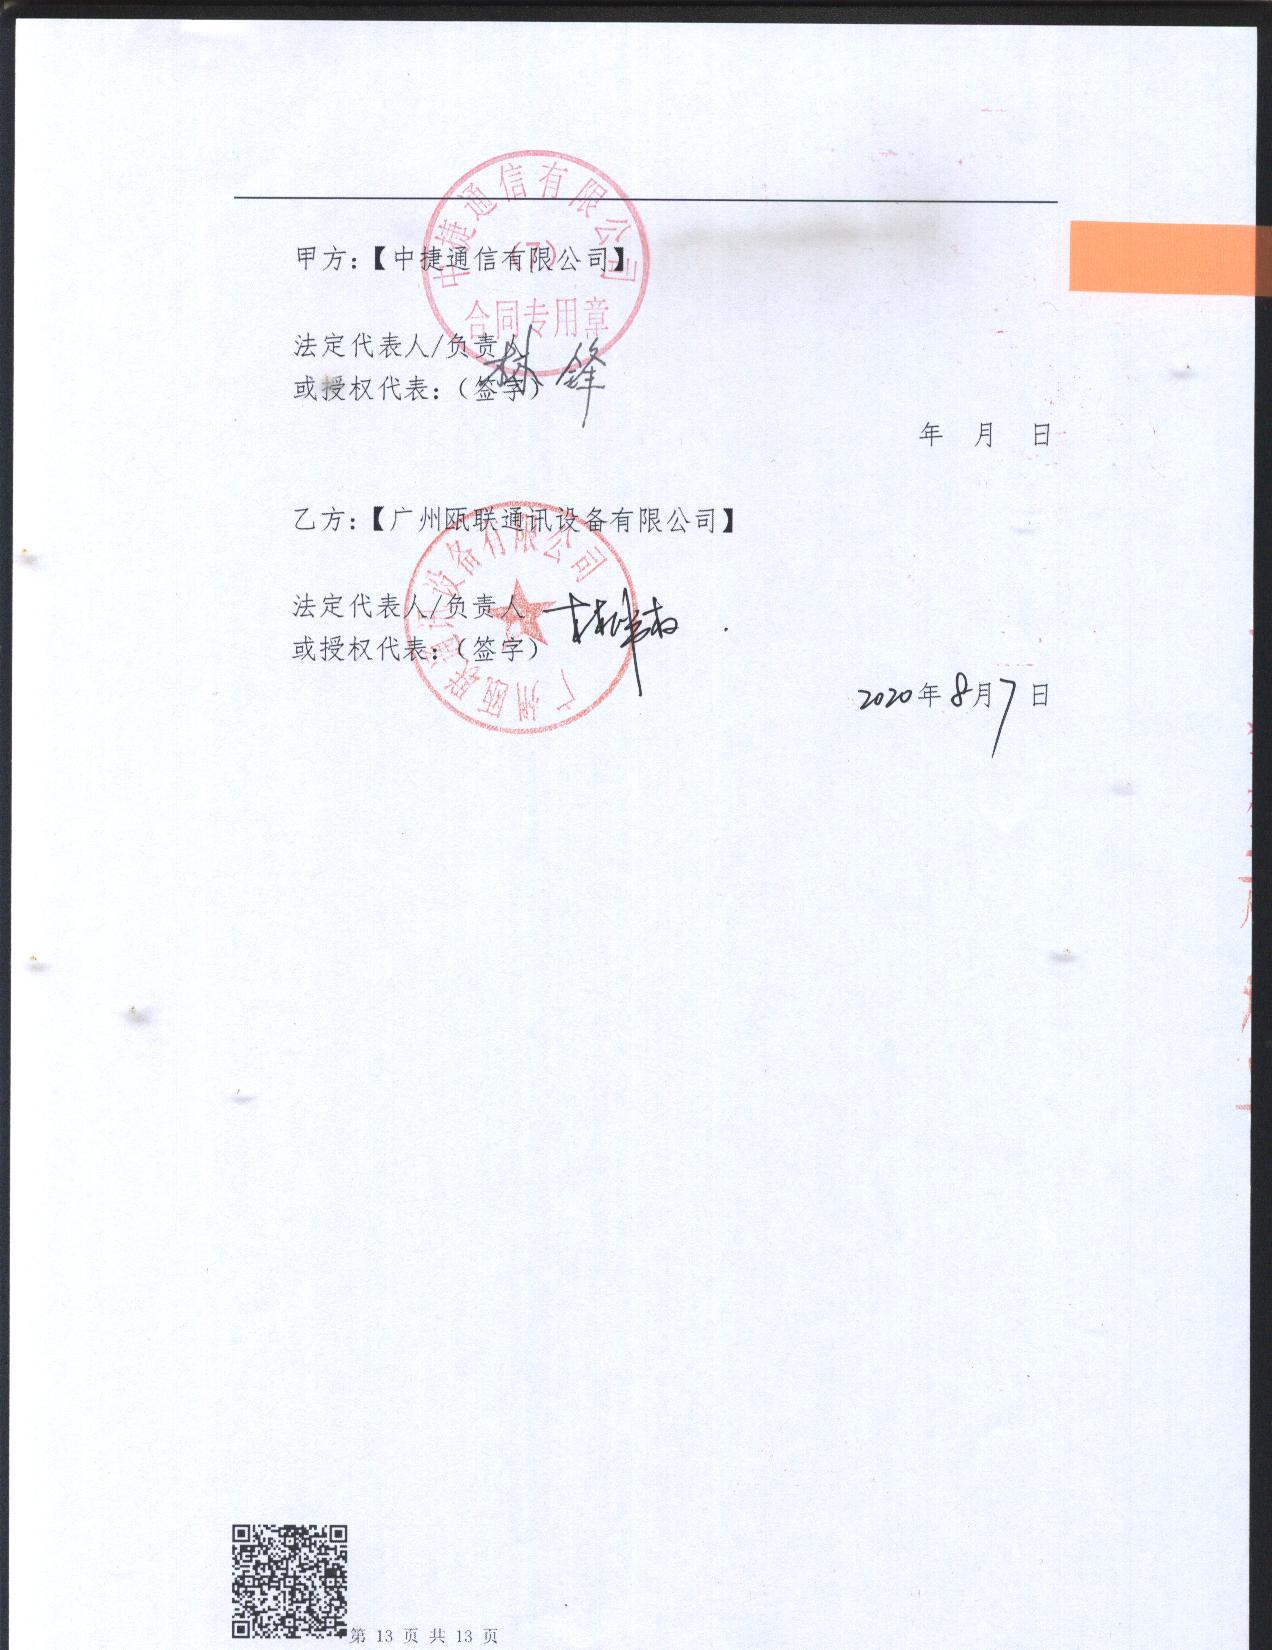 珠江琶醍啤酒文化创意园区-汽机锅炉间寄出信息网络系统